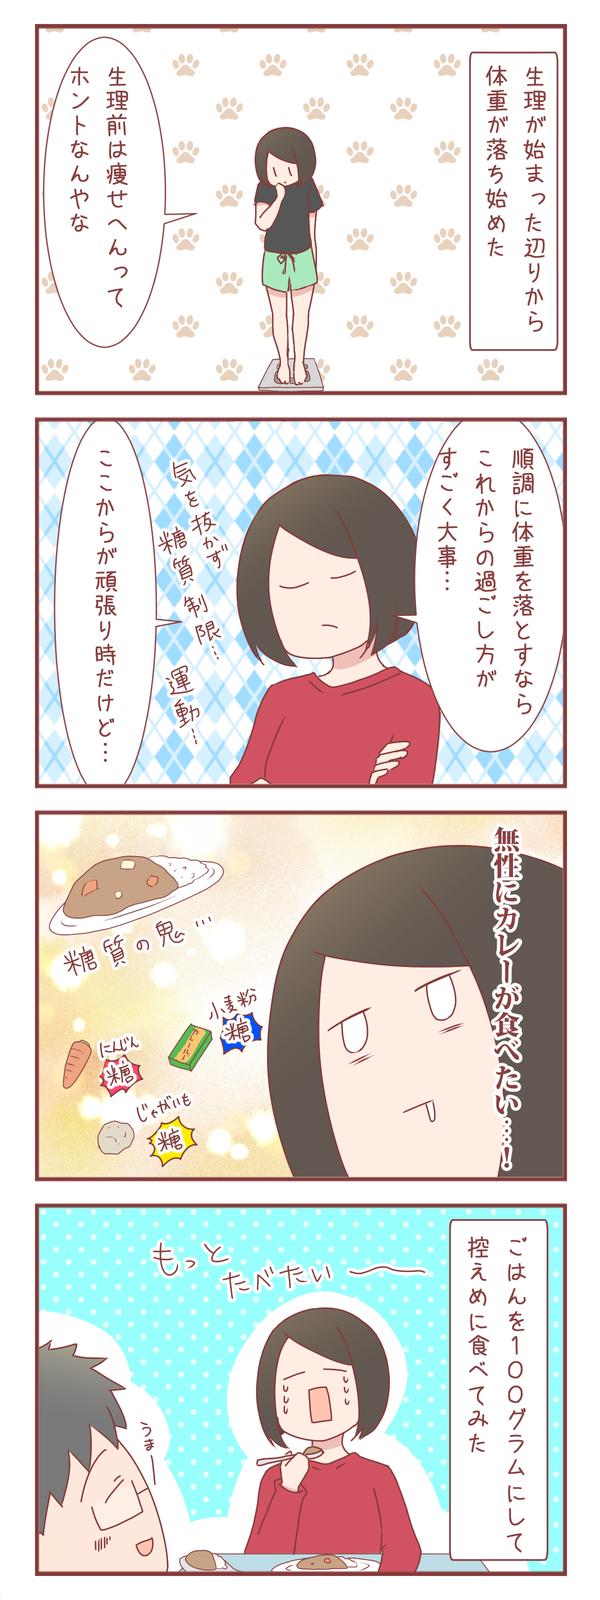 とにかく無性にカレーが食べたくて(ダイエット7日目)